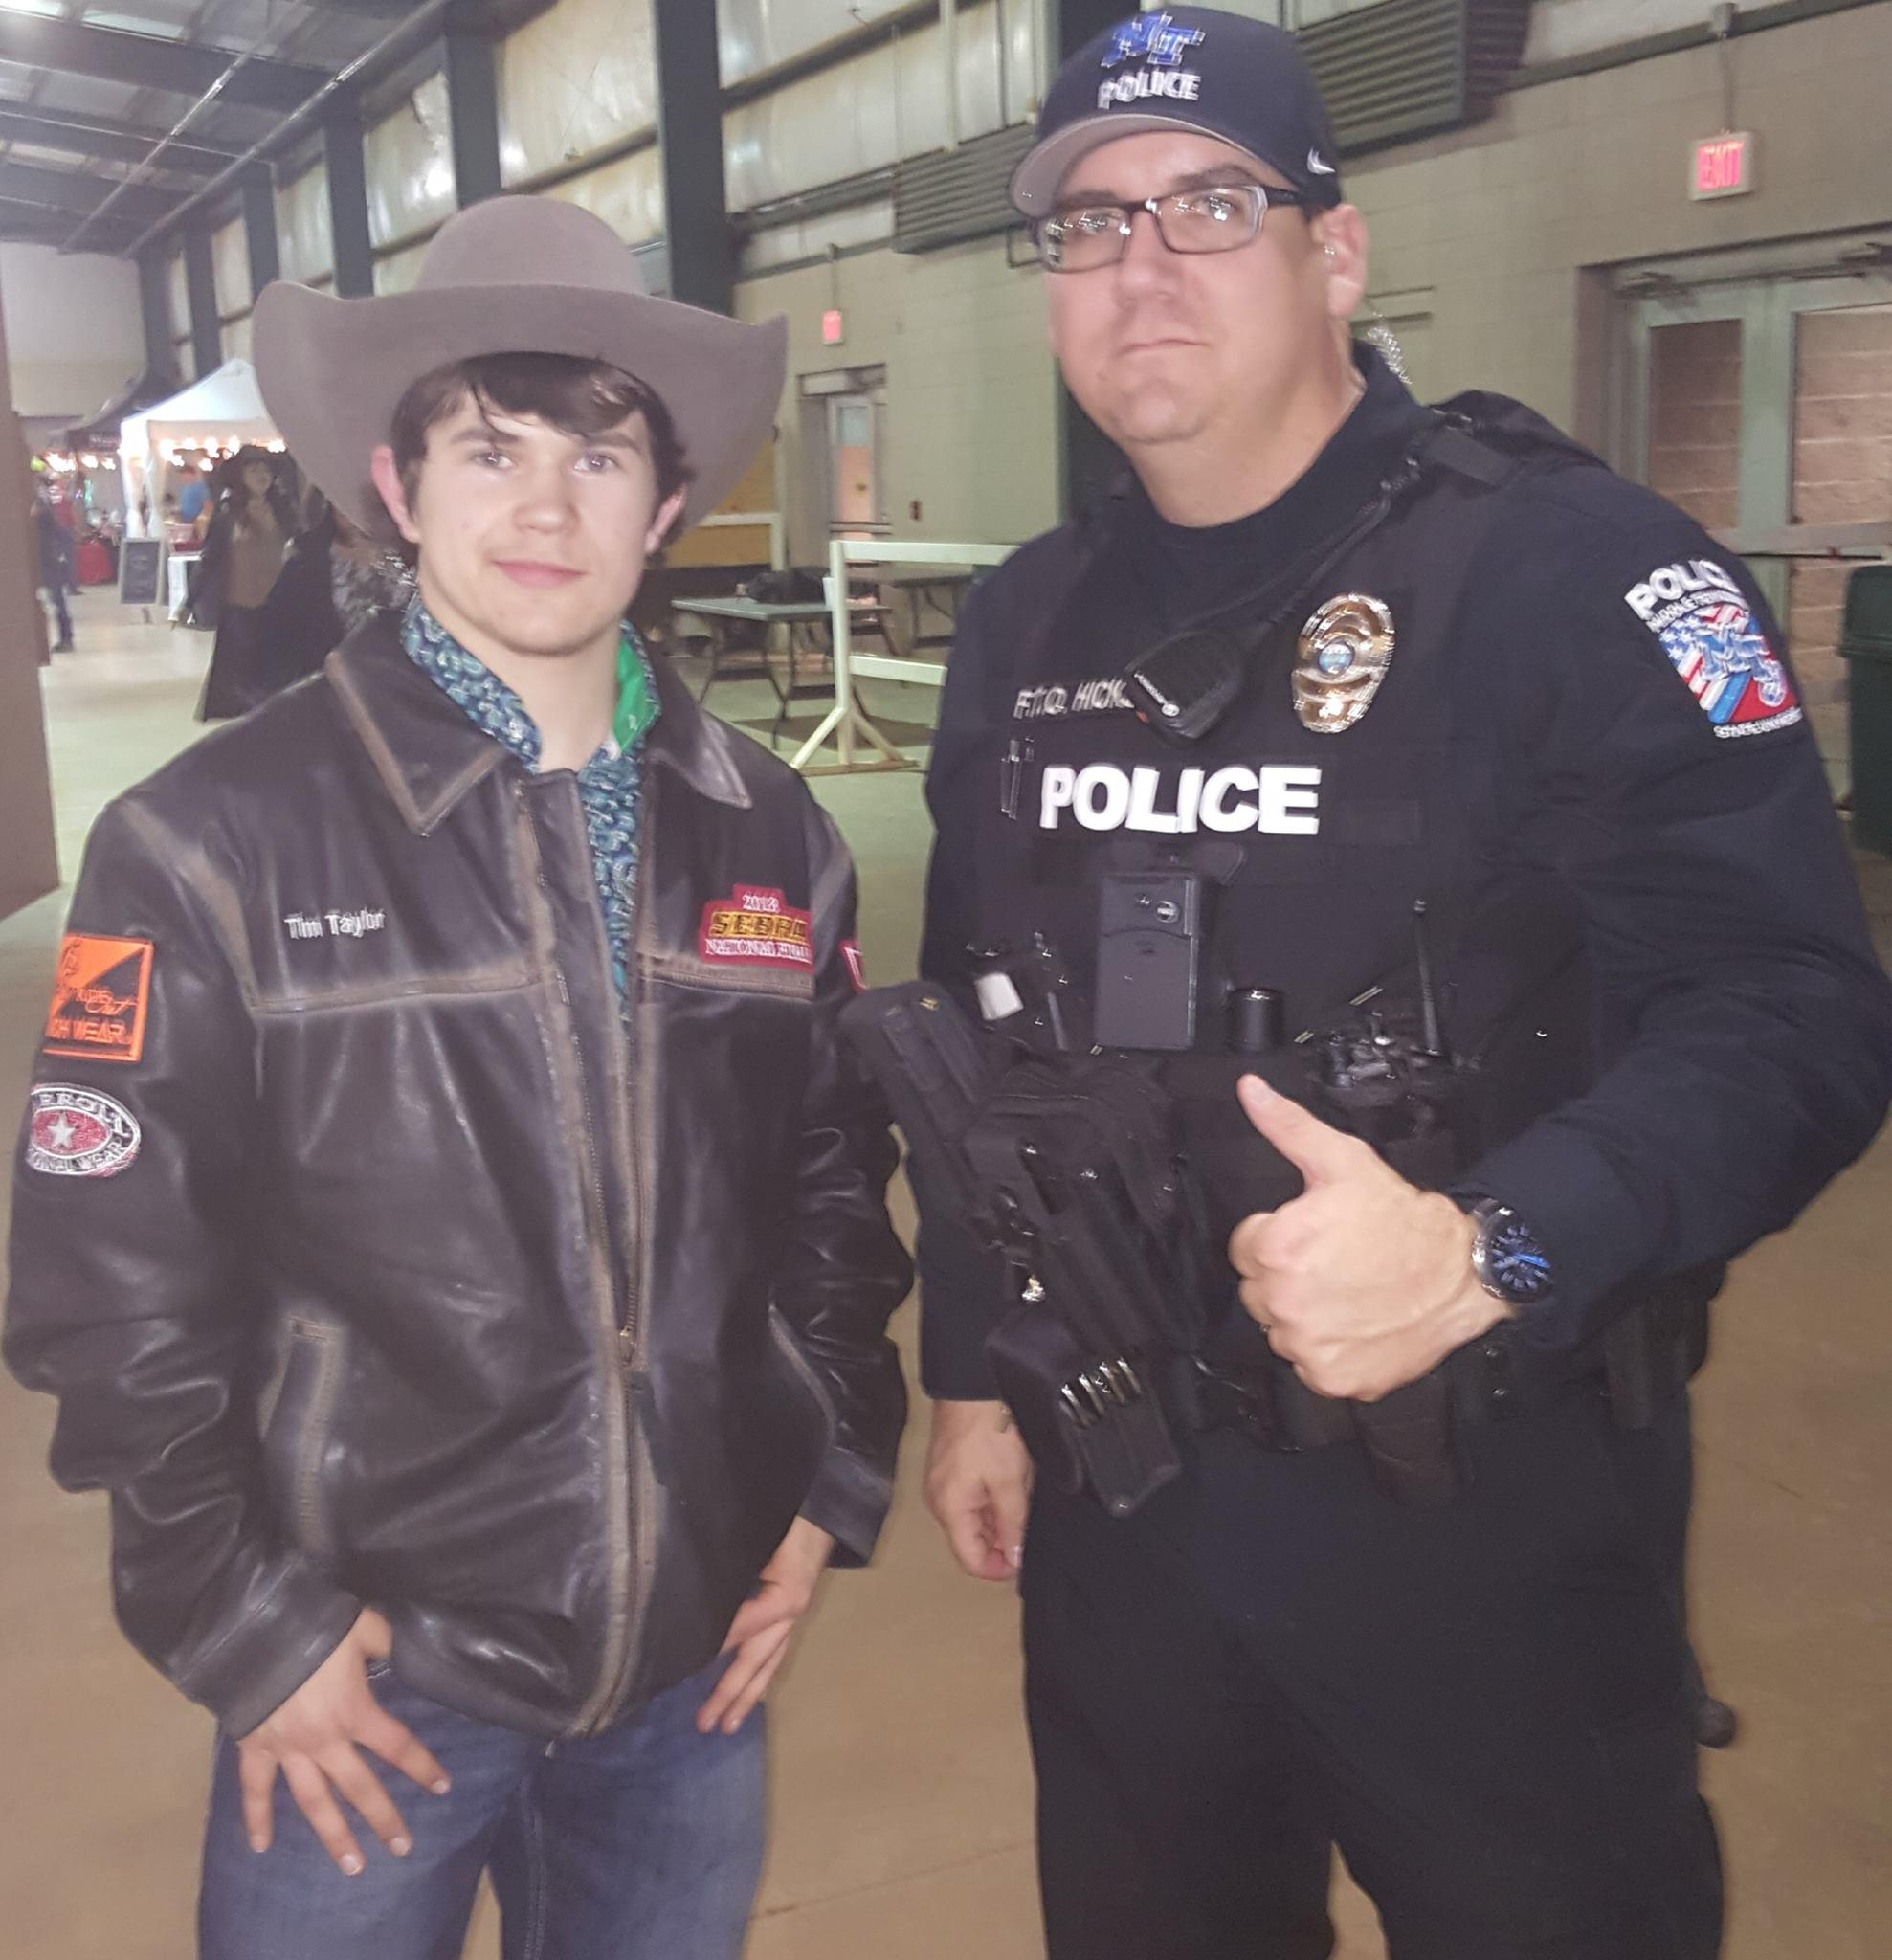 Cowboys for Cops